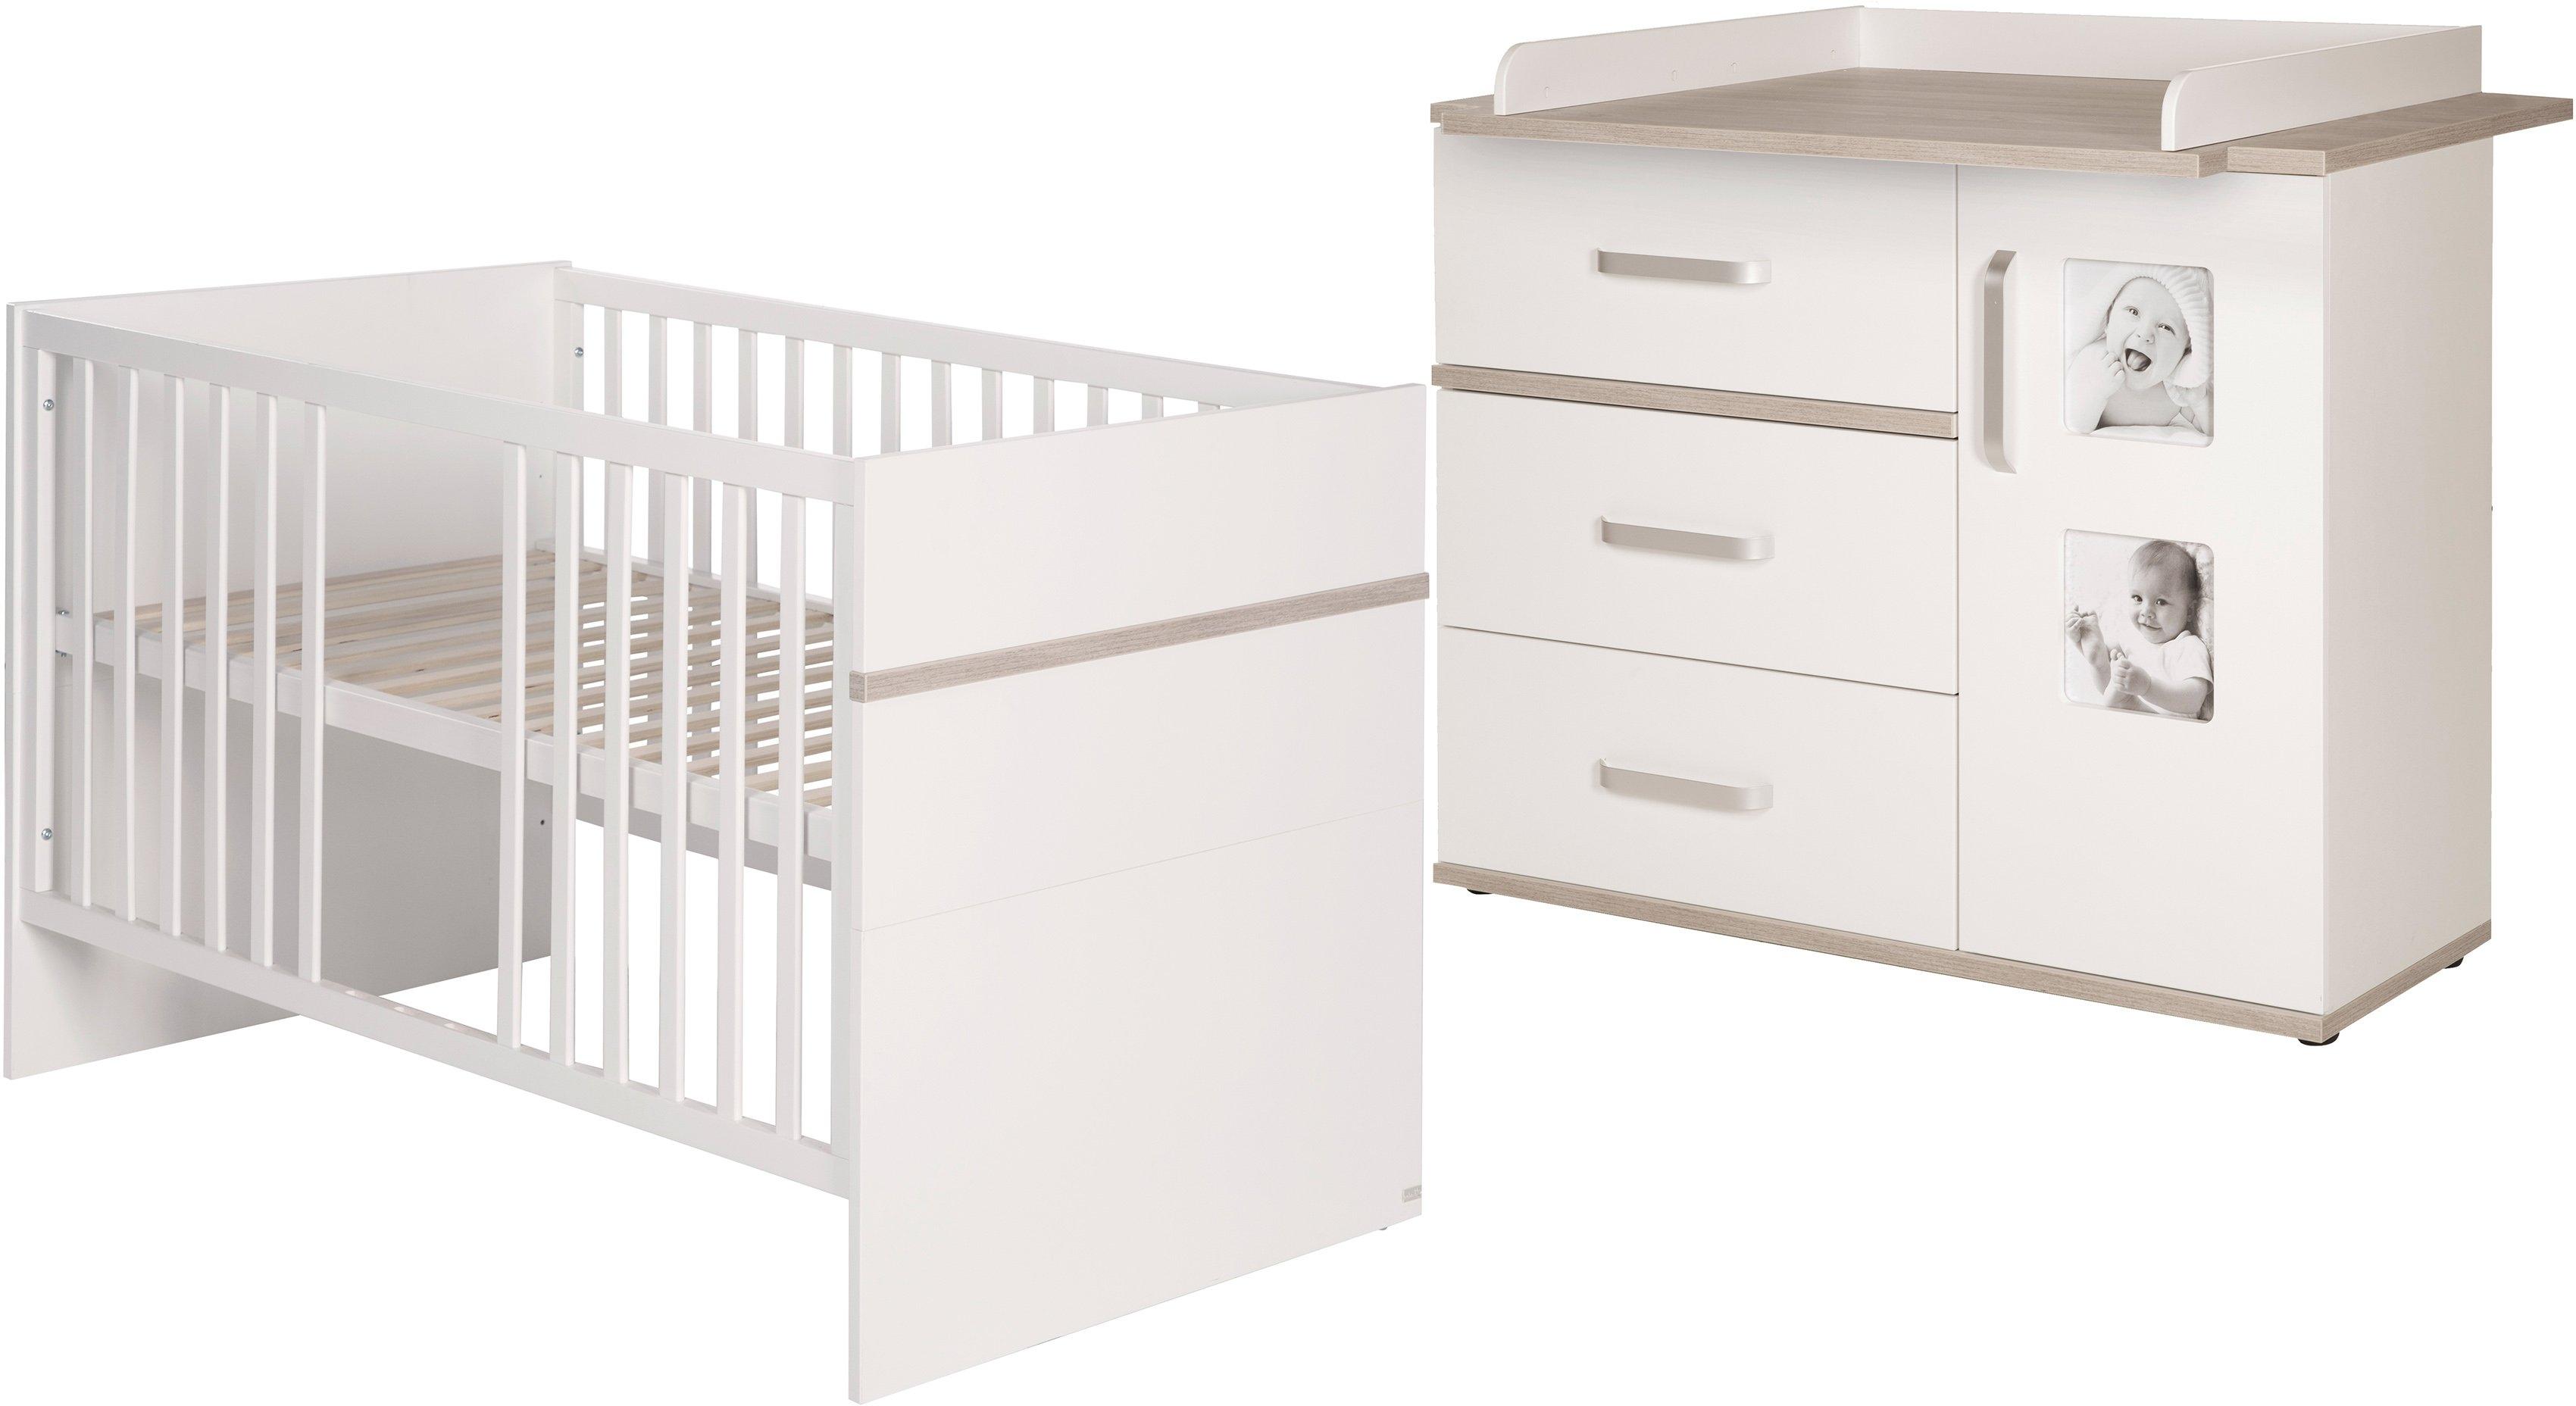 Roba babymeubelset Moritz met kinderbed en commode; made in europe (voordeelset, 2 stuks) nu online kopen bij OTTO